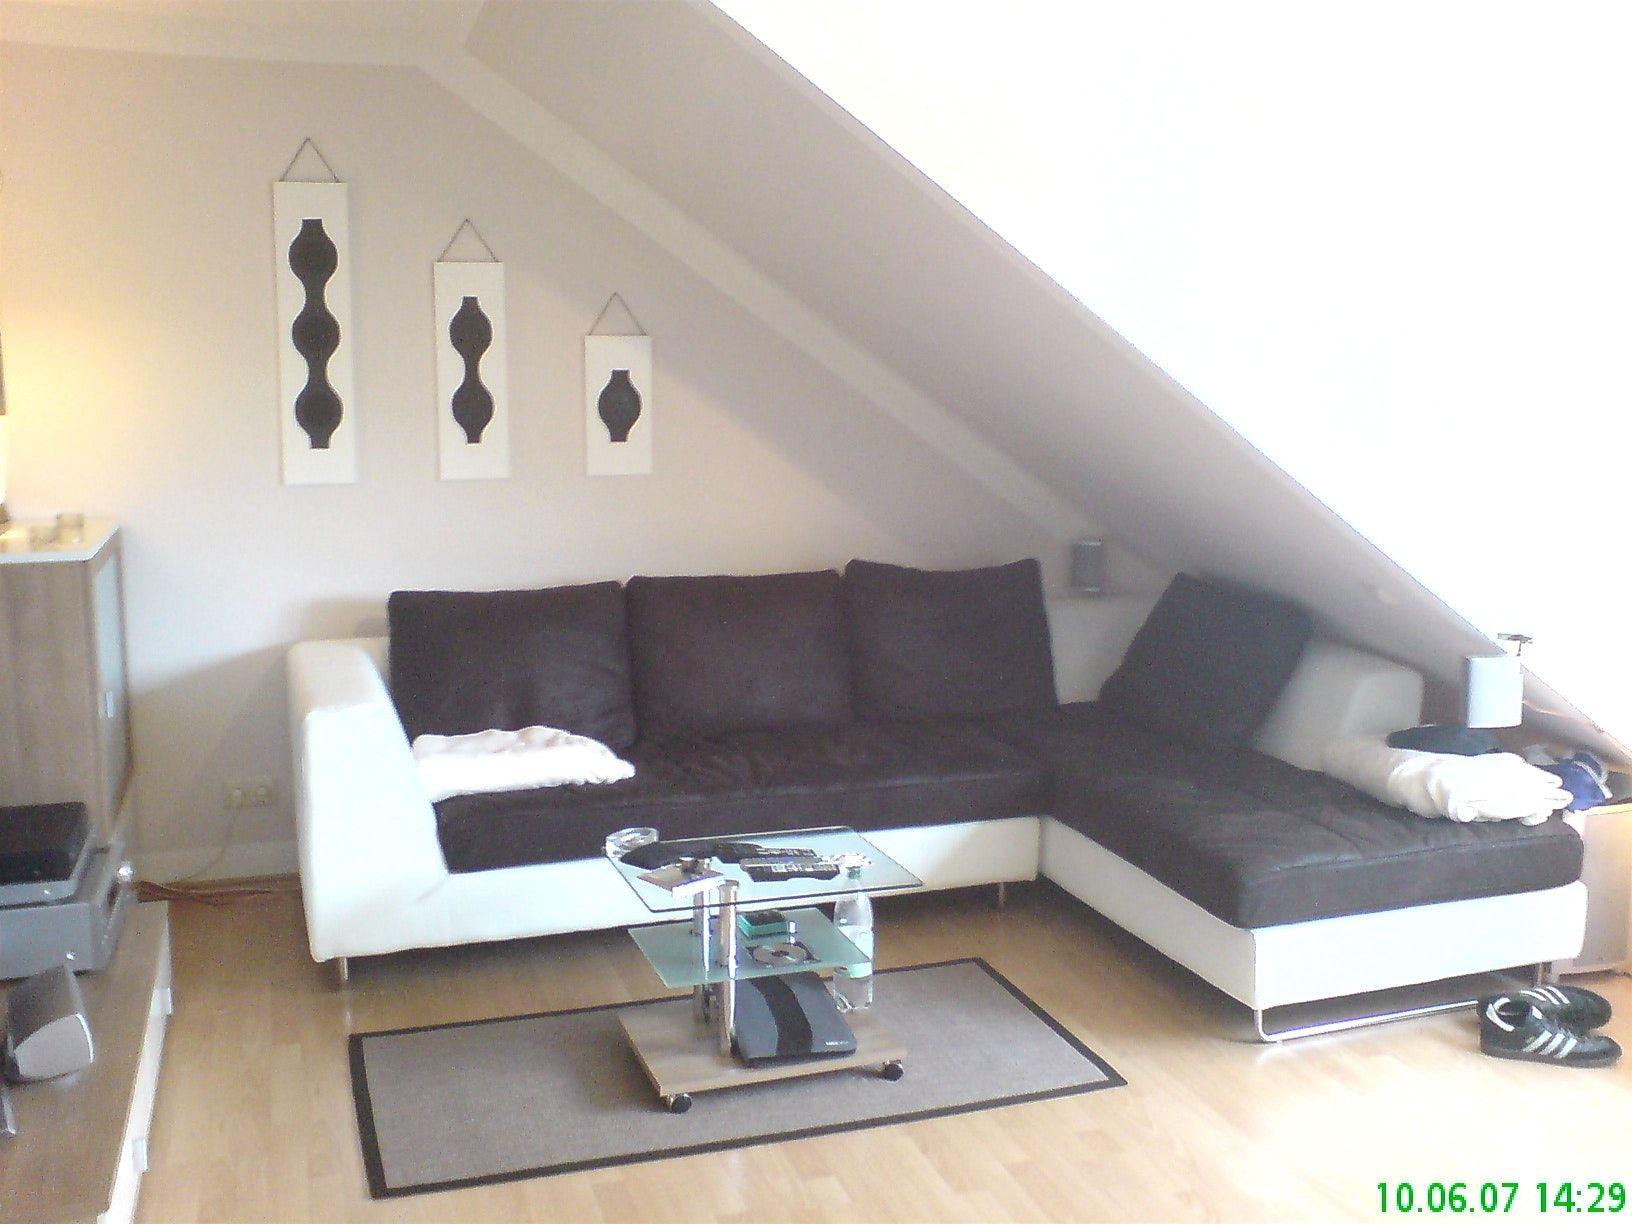 Wohnzimmer Einrichten Mit Schragen Home Decor